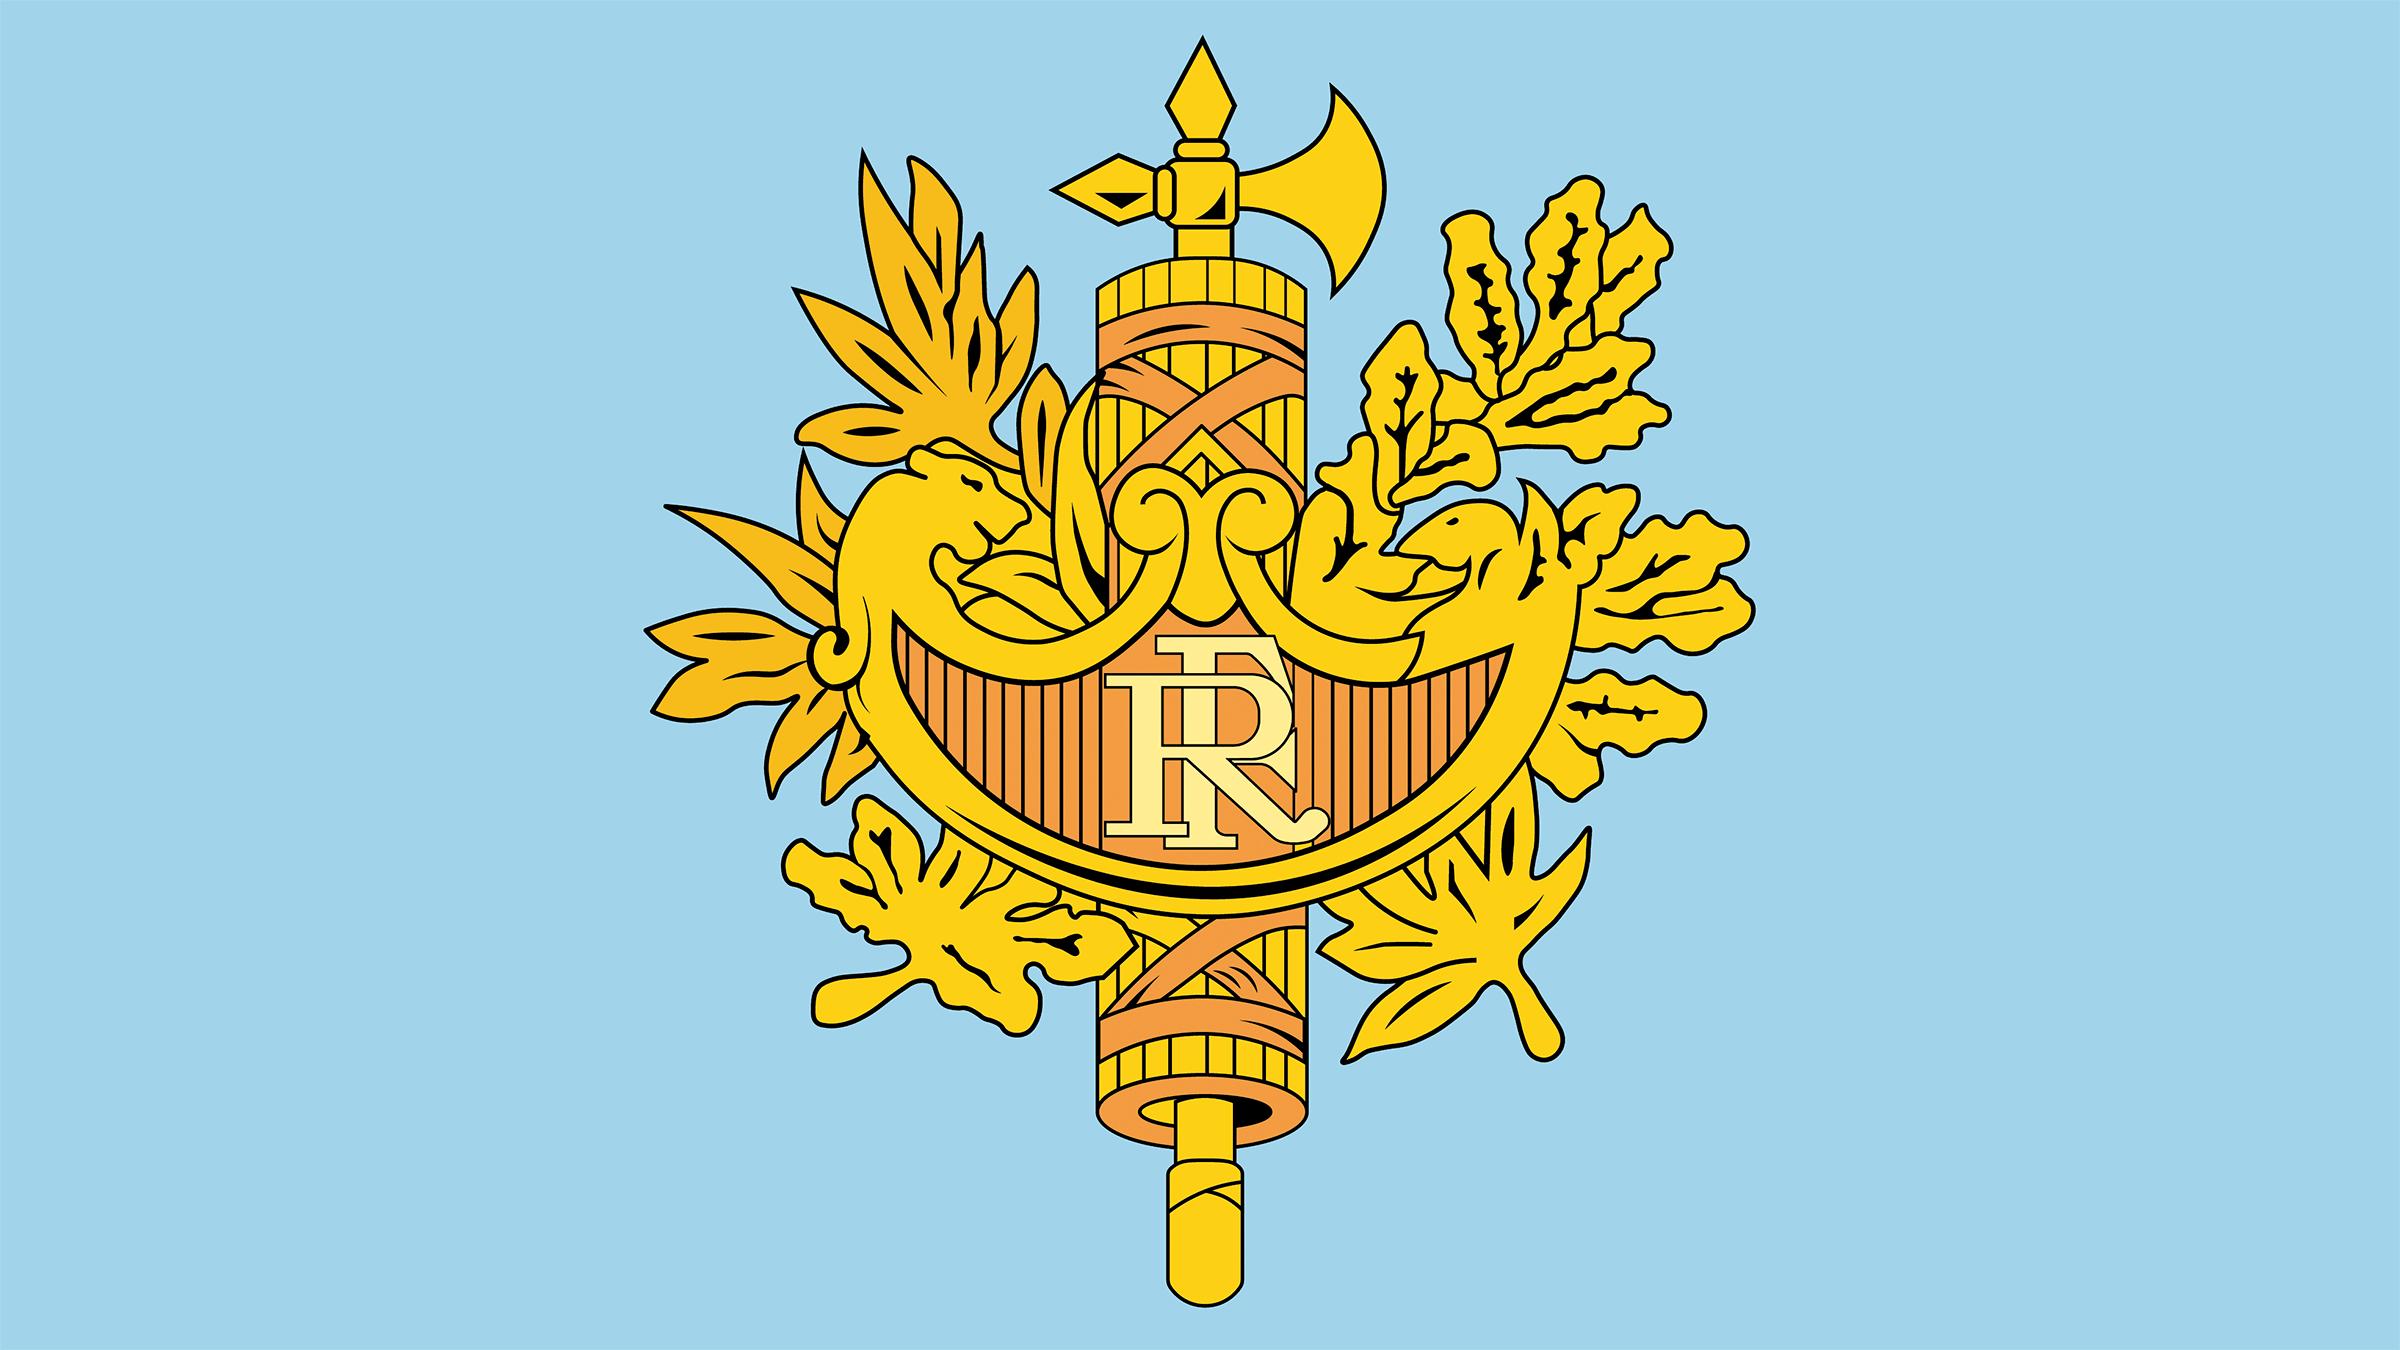 герб франции картинка распоряжении гостей